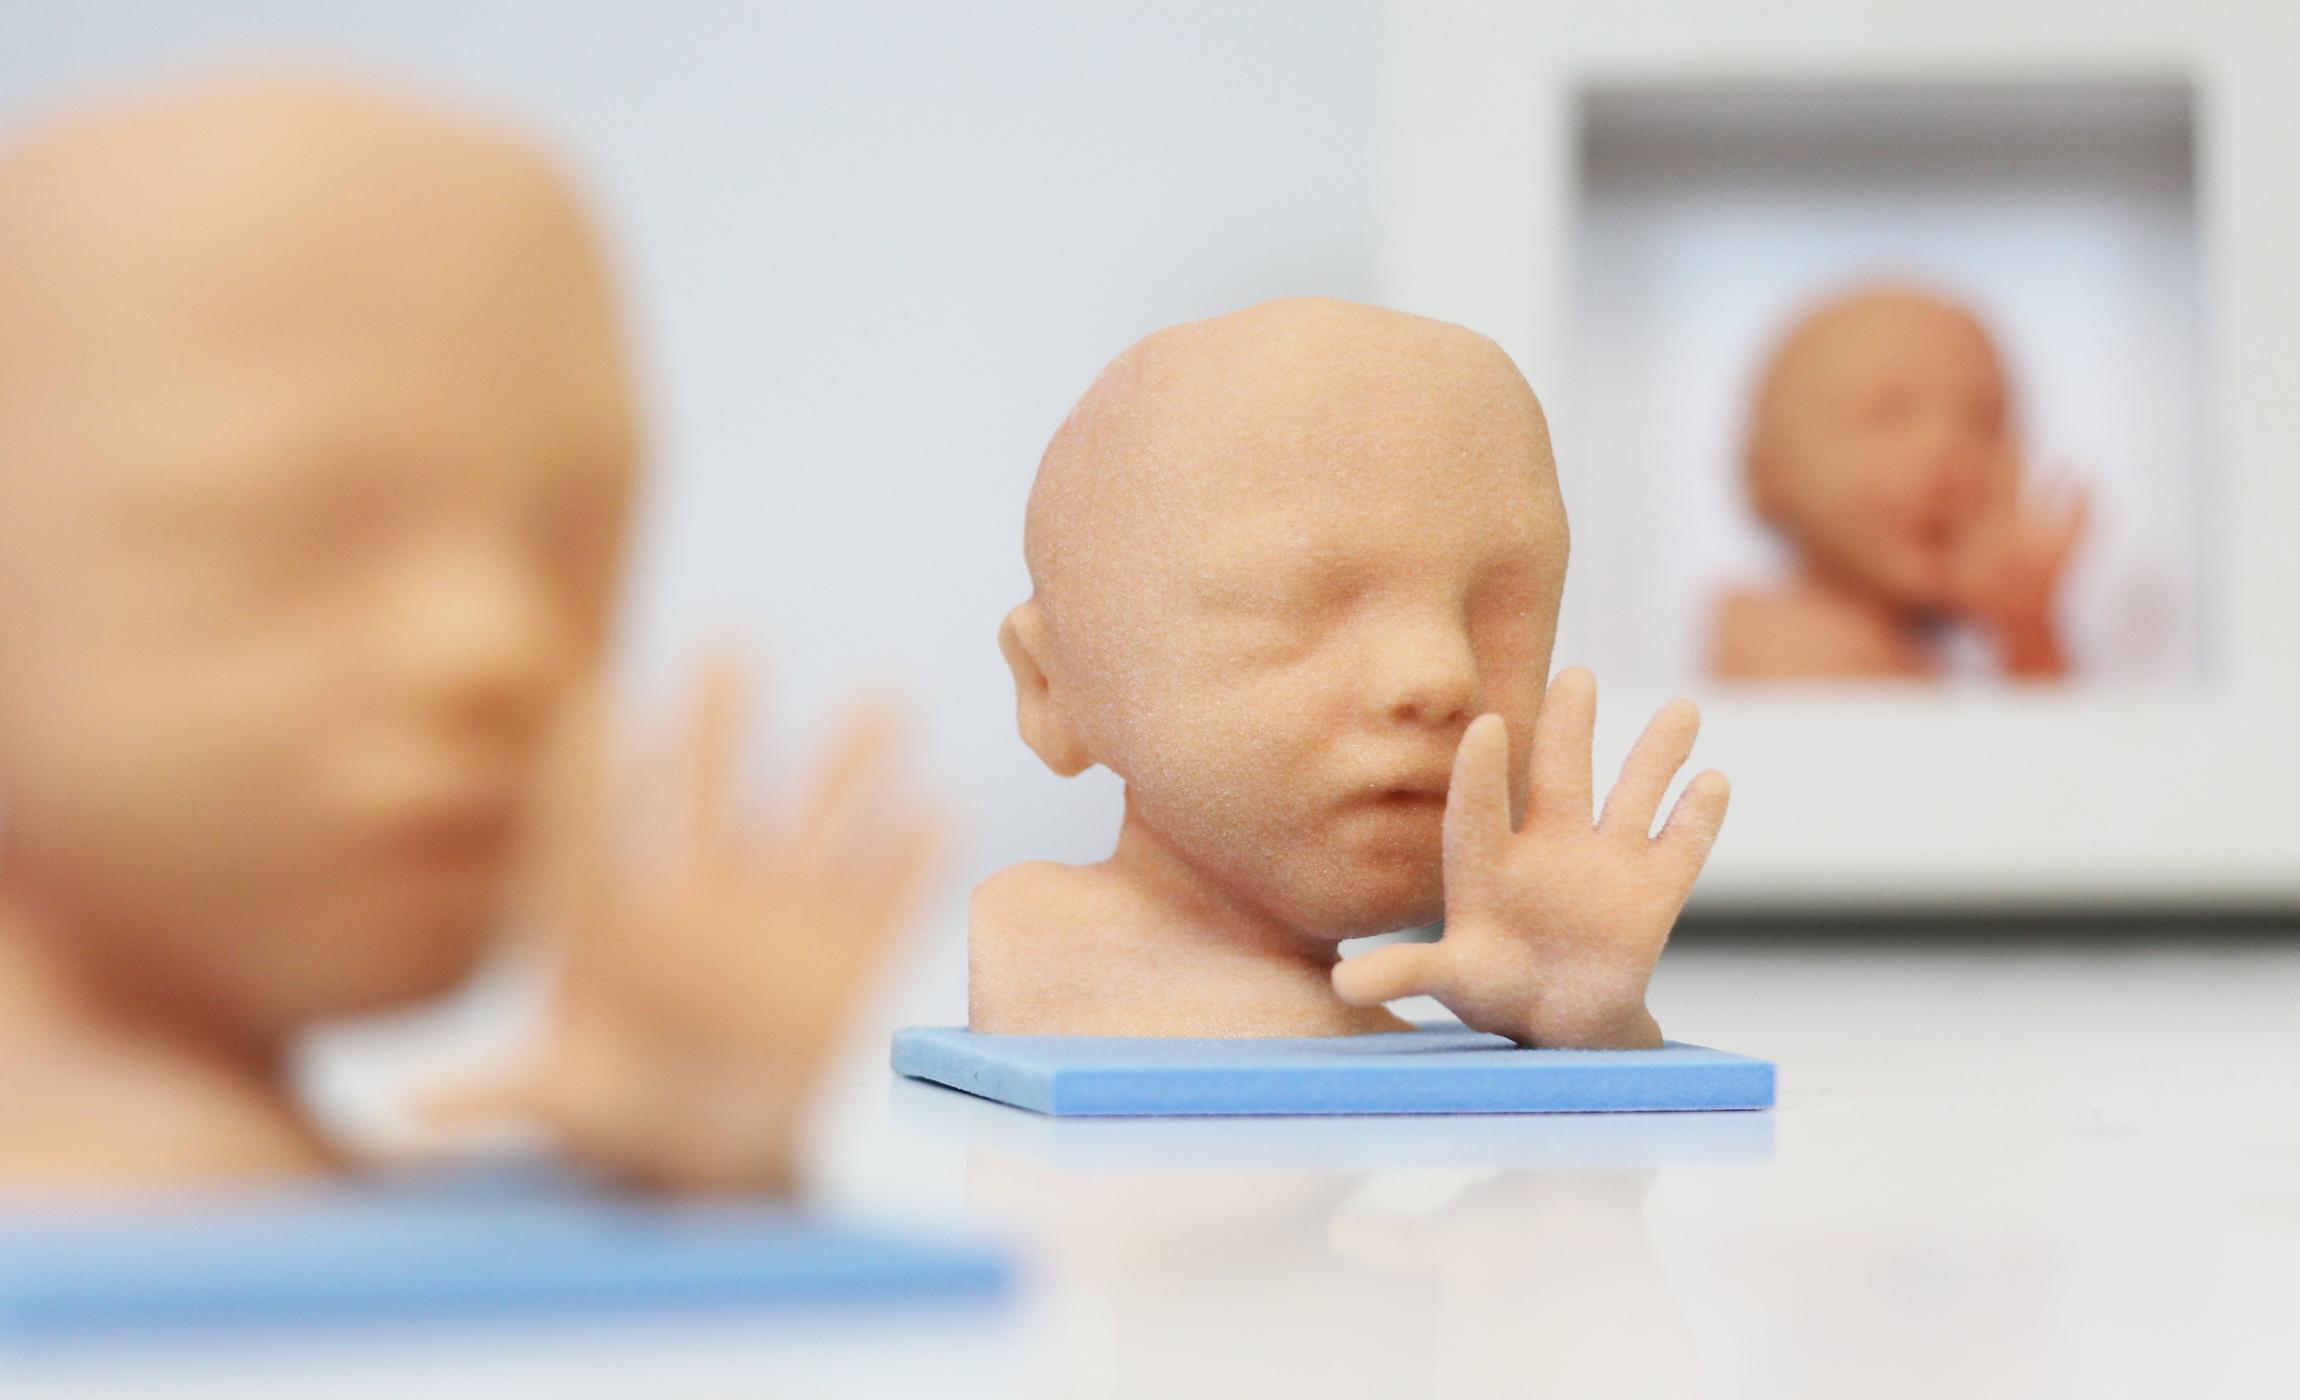 figurine21.jpg